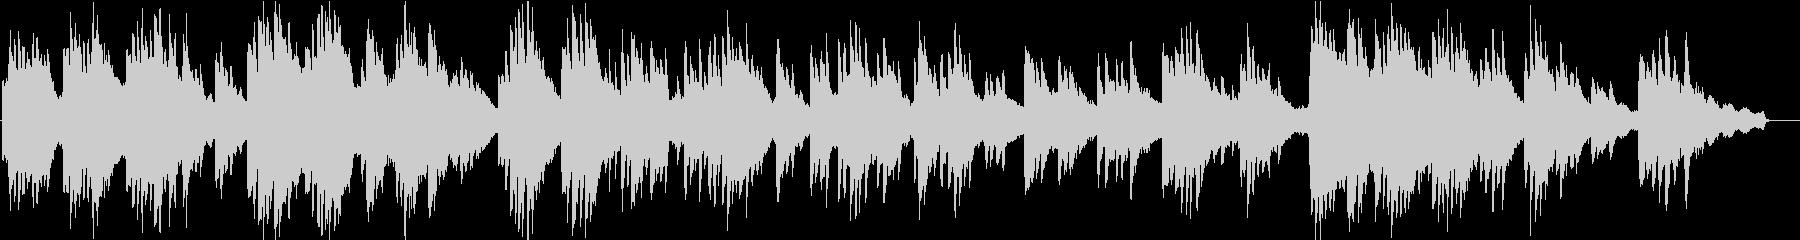 ヒーリングピアノ組曲 まどろみ 8の未再生の波形